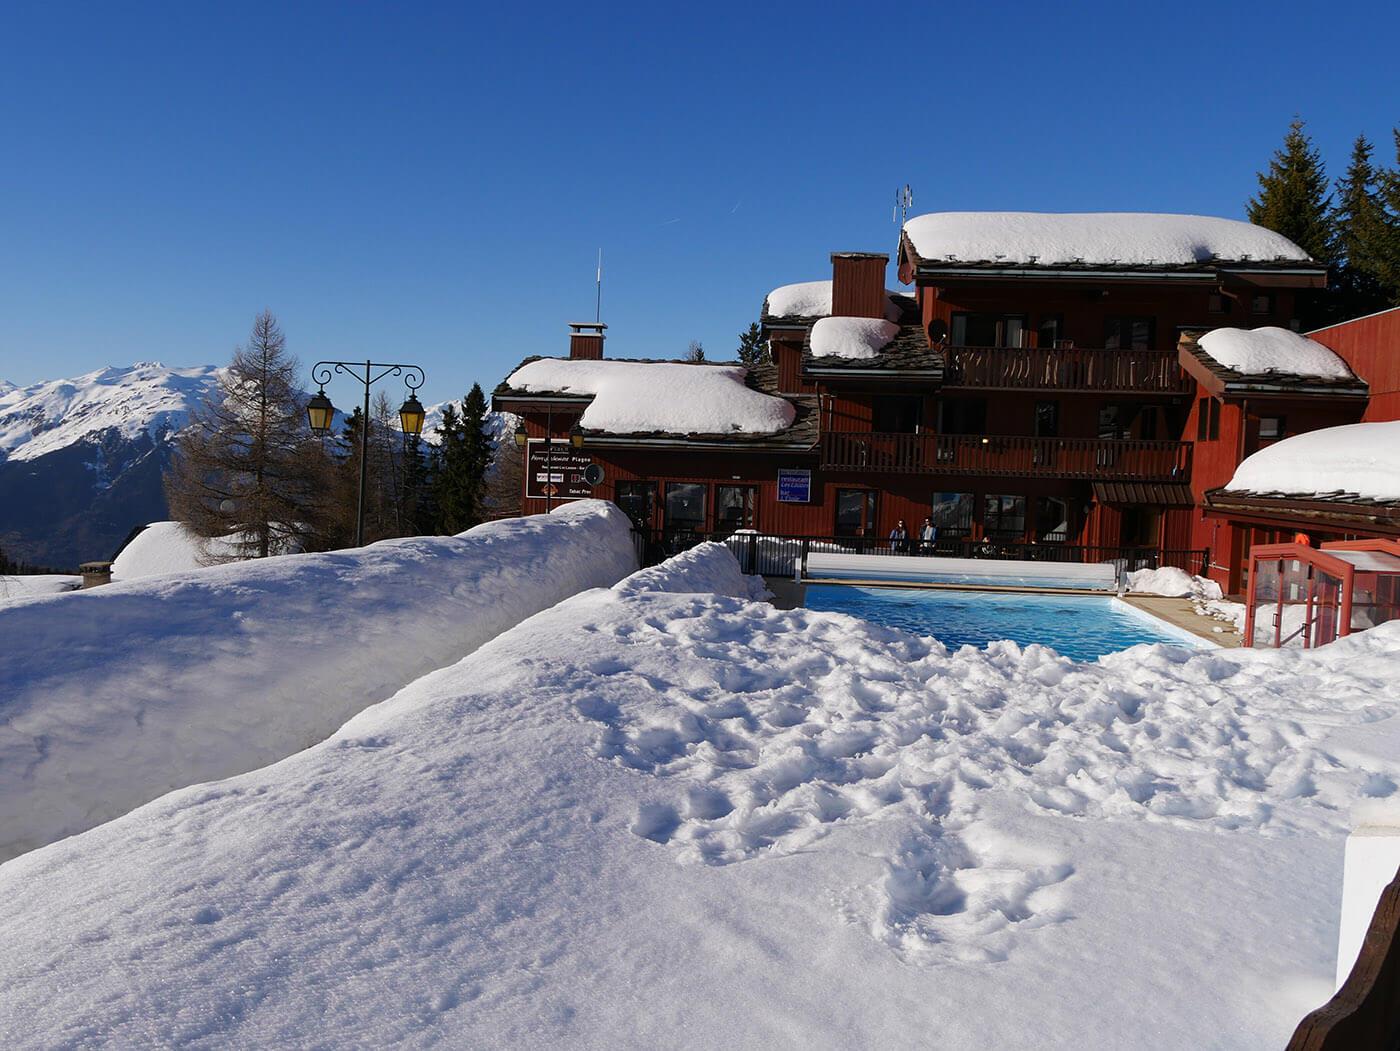 Hotel avec piscine dans la neige photographié avec un Lumix G7